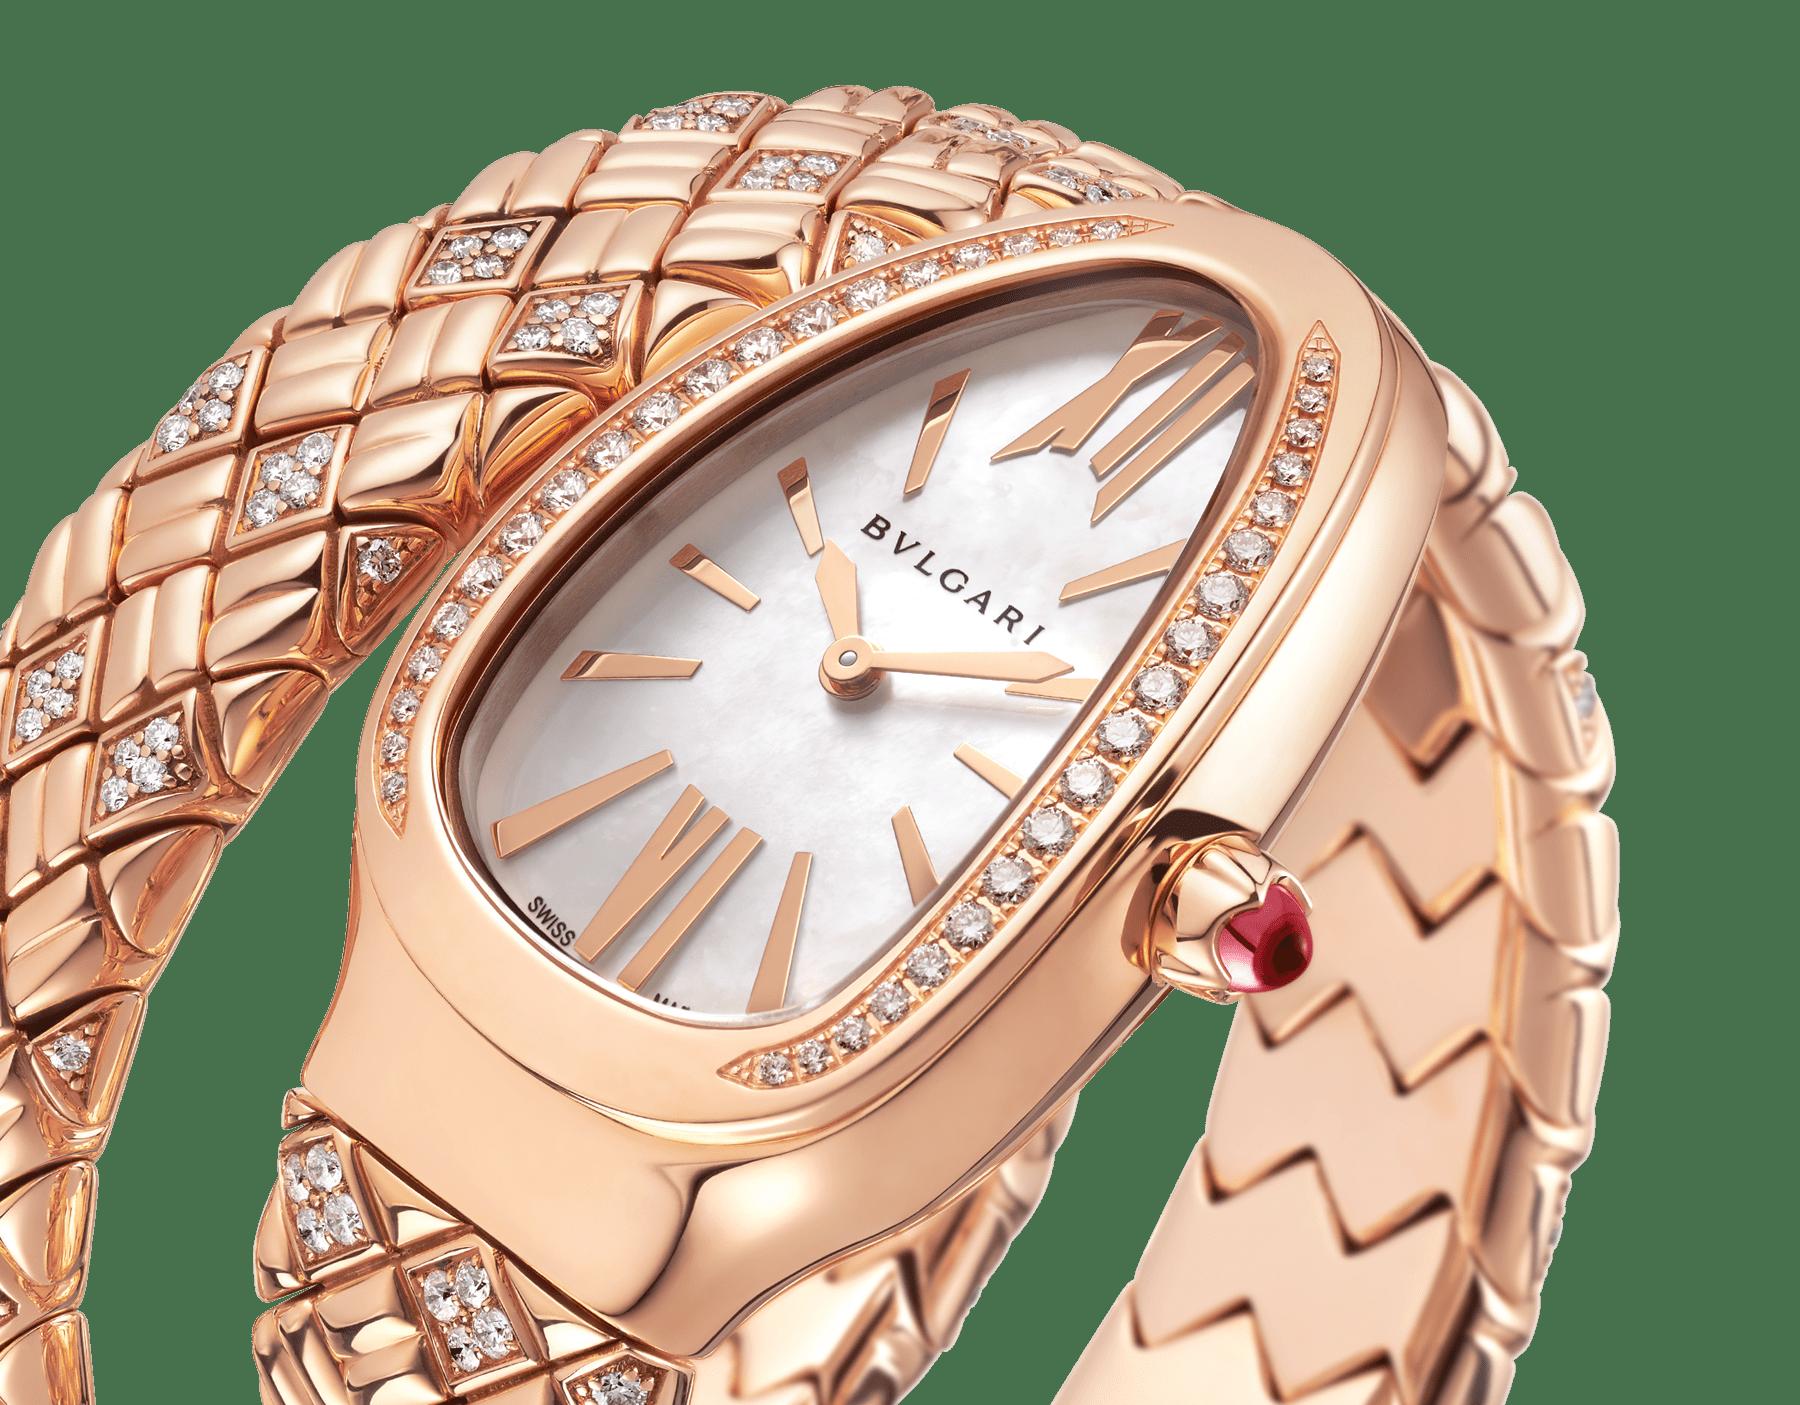 Einfach geschwungene Serpenti Spiga Uhr mit Gehäuse und Armband aus 18Karat Roségold mit Diamanten sowie einem Zifferblatt aus weißem Perlmutt 103250 image 3